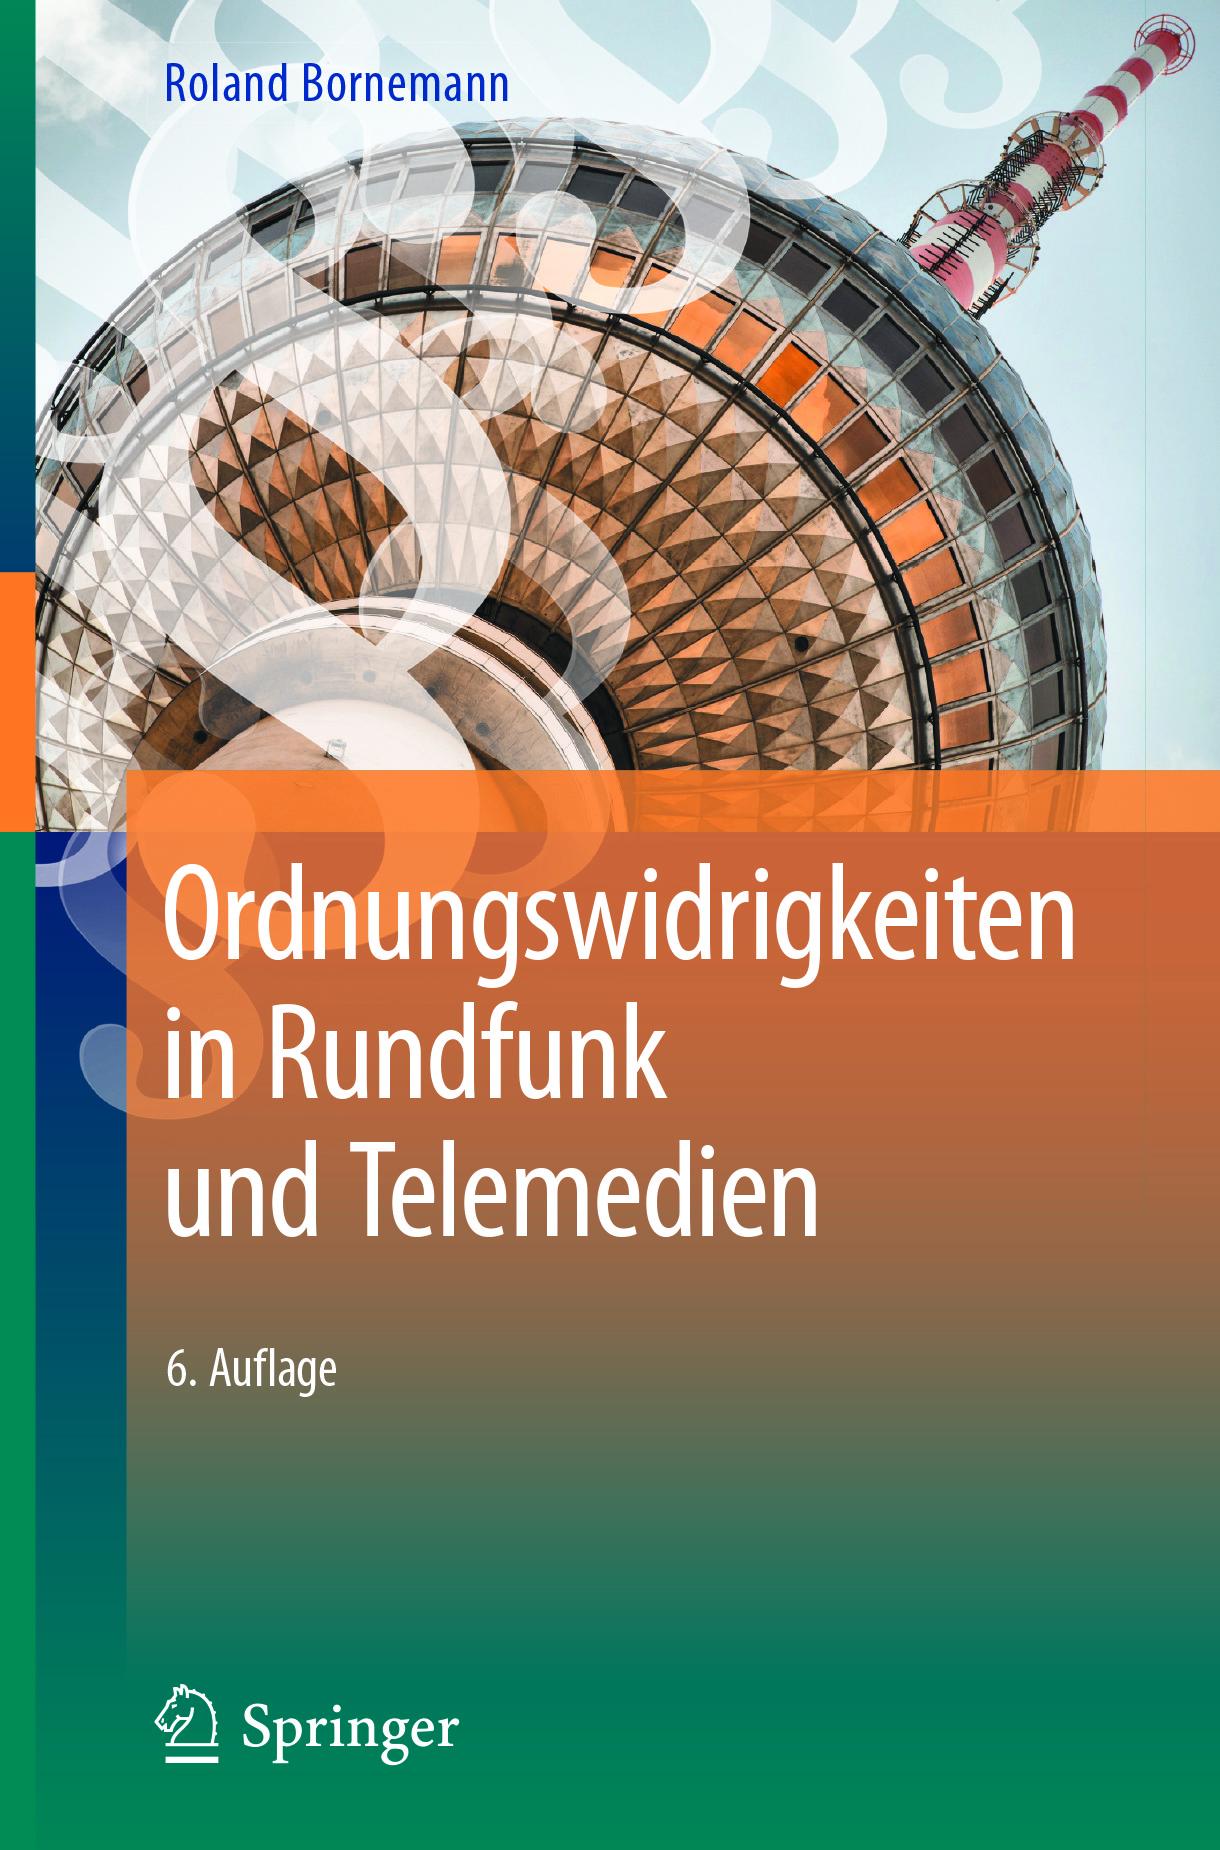 Bornemann, Roland - Ordnungswidrigkeiten in Rundfunk und Telemedien, ebook